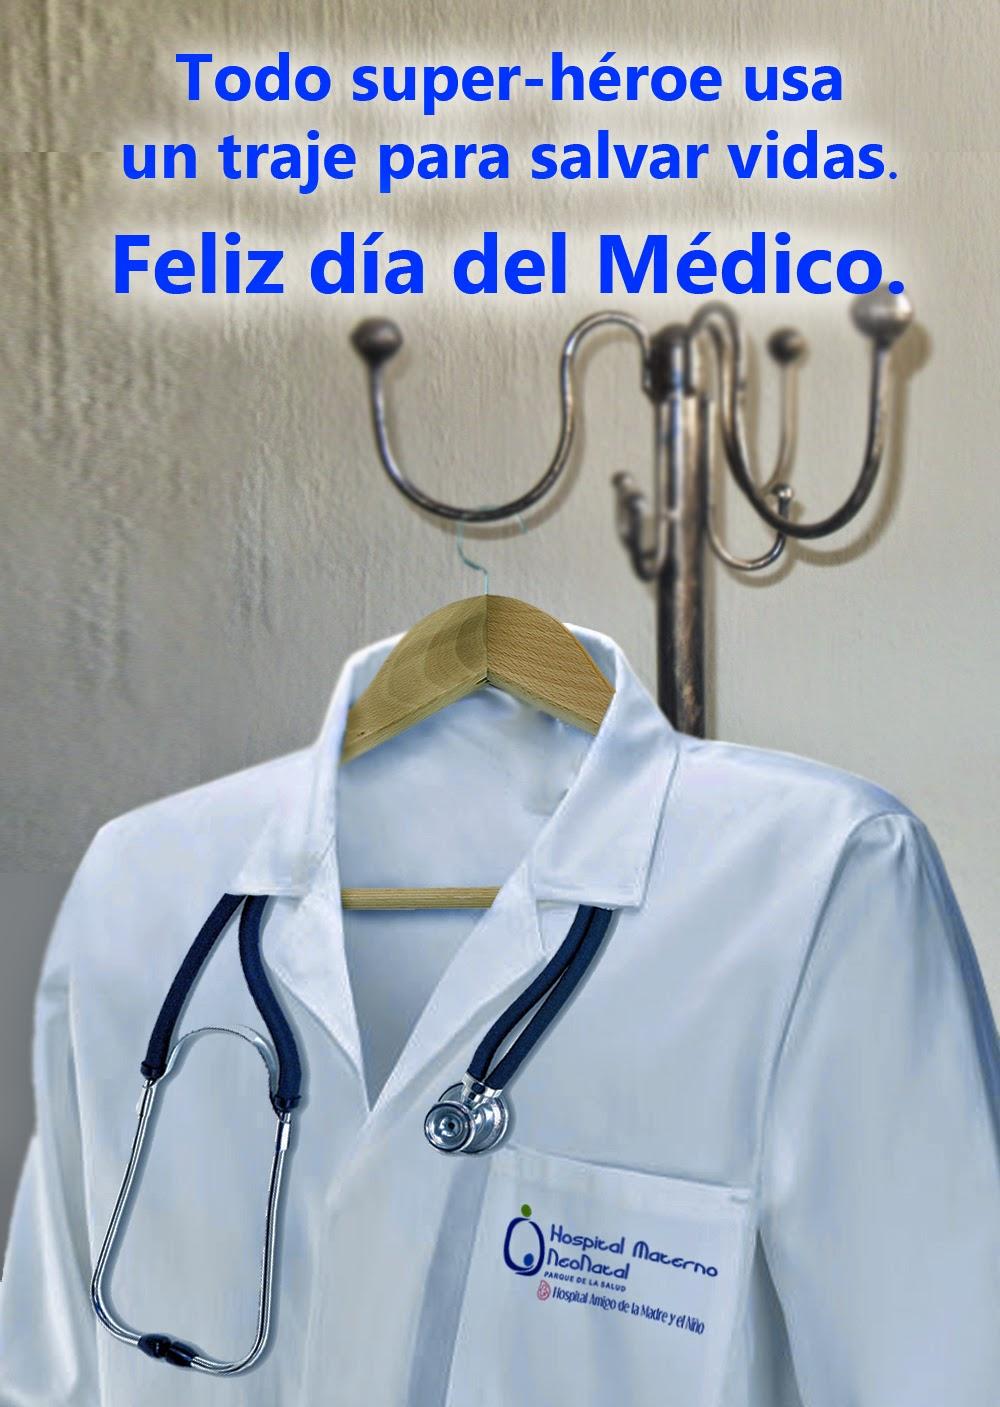 Mis practicas de medicina - 1 part 7